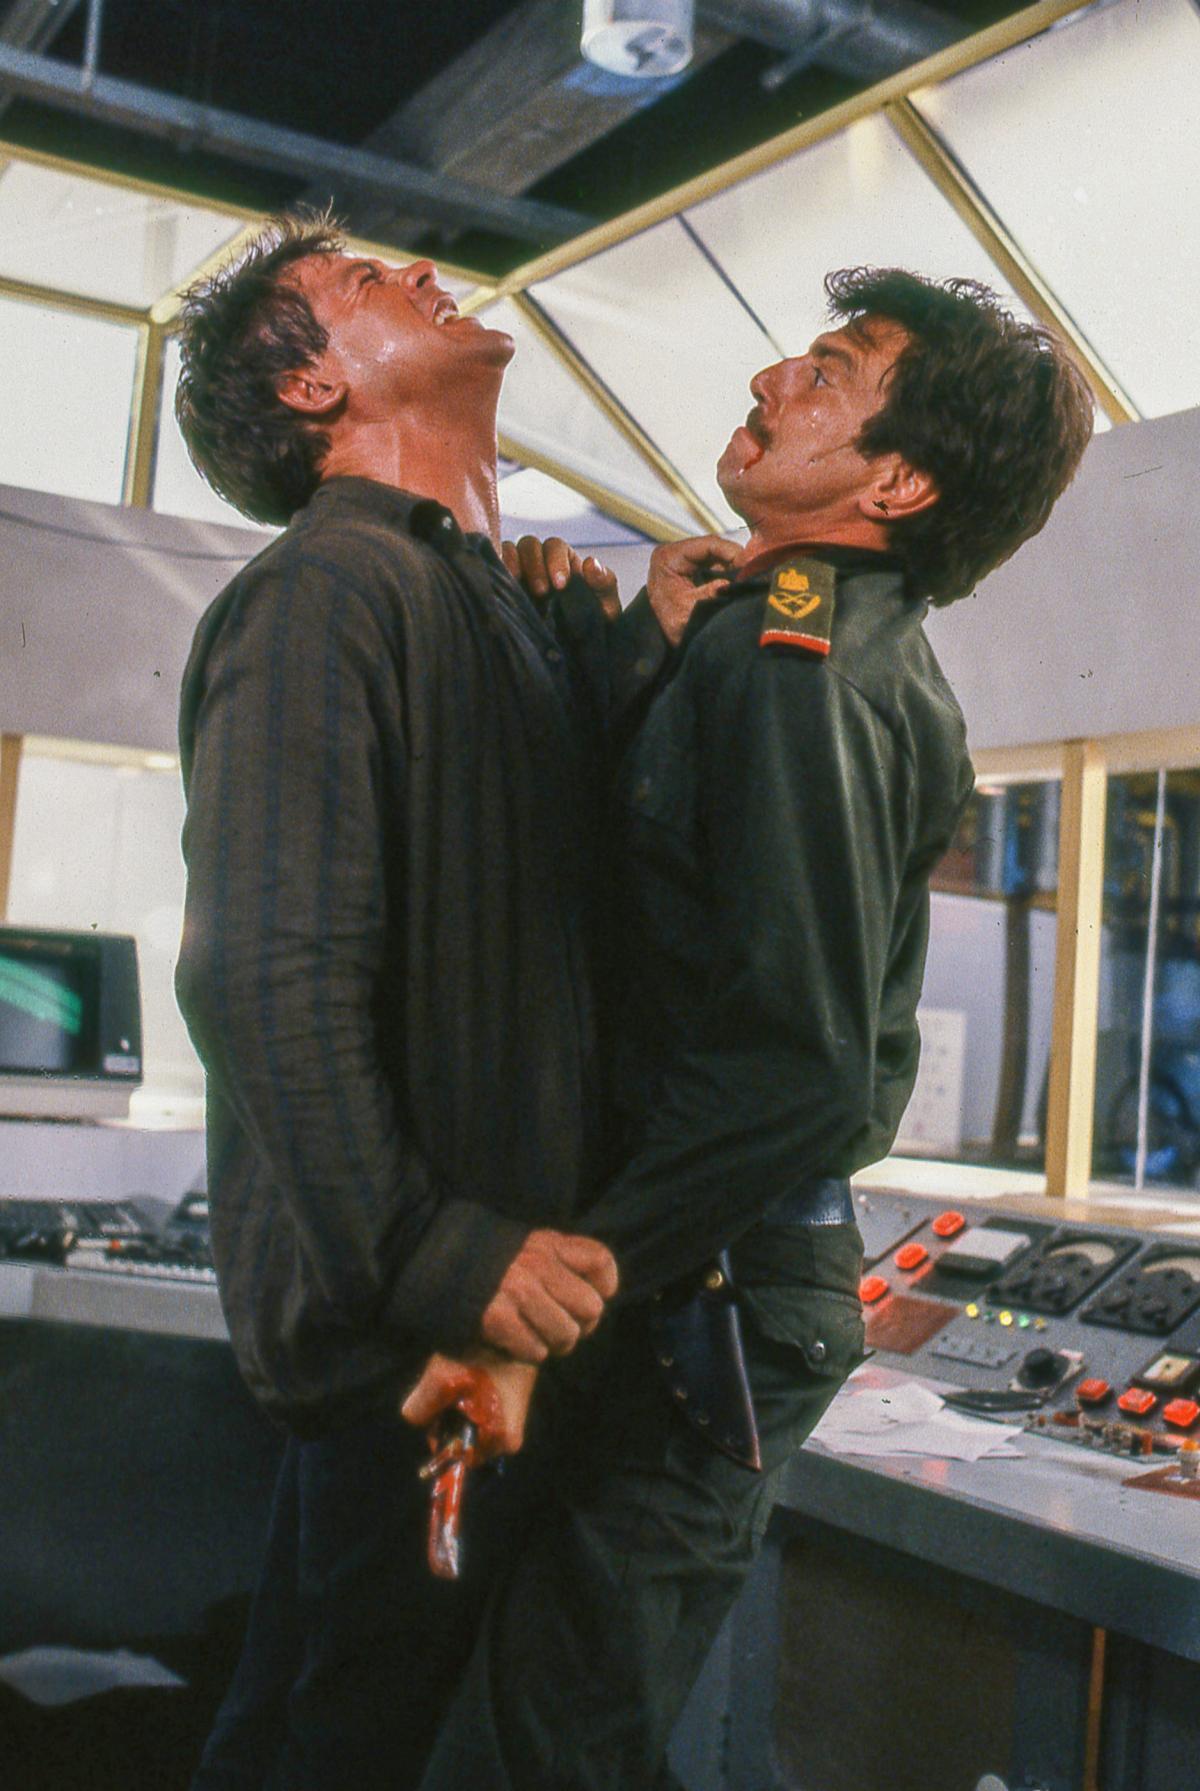 """תמונה של יוני המנחם עם מייקל דודיקוף, סטיב אינווד מתוך """"מגן אנושי"""""""